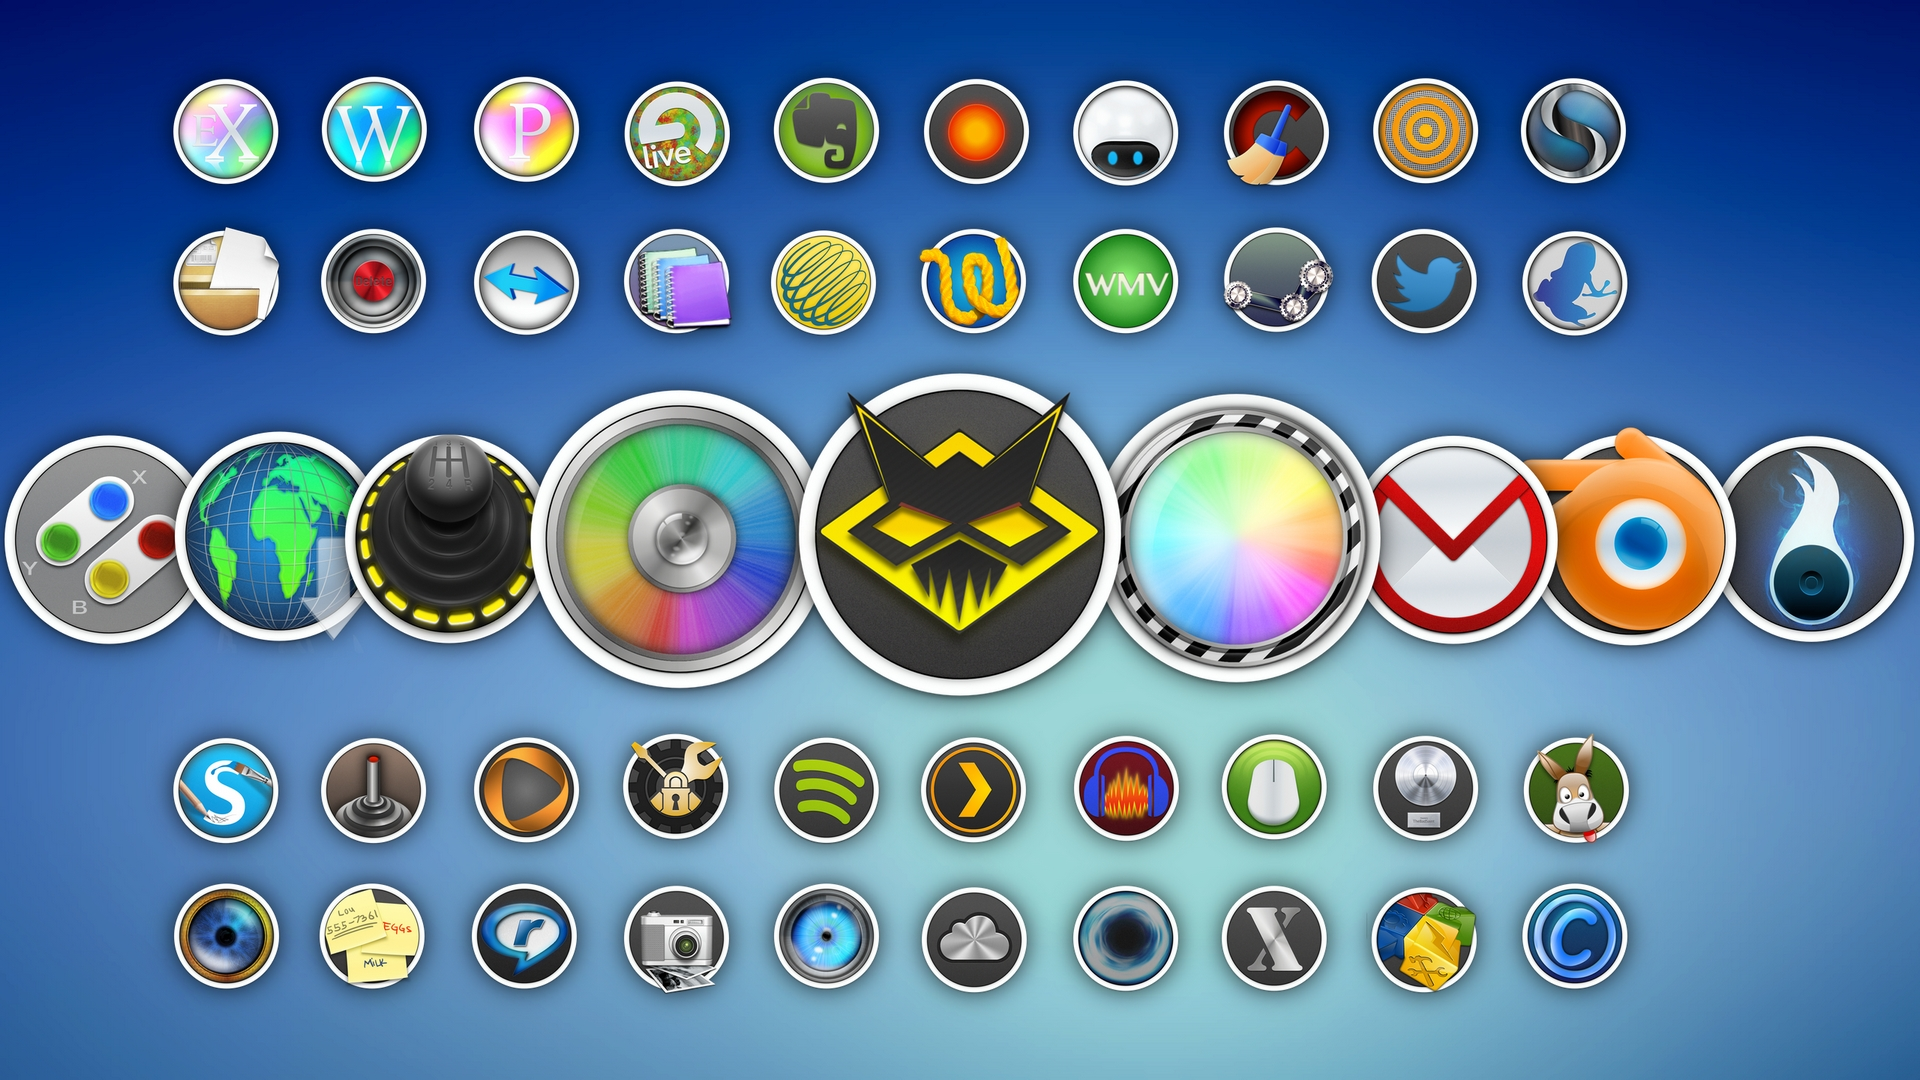 иконки mac os для windows: